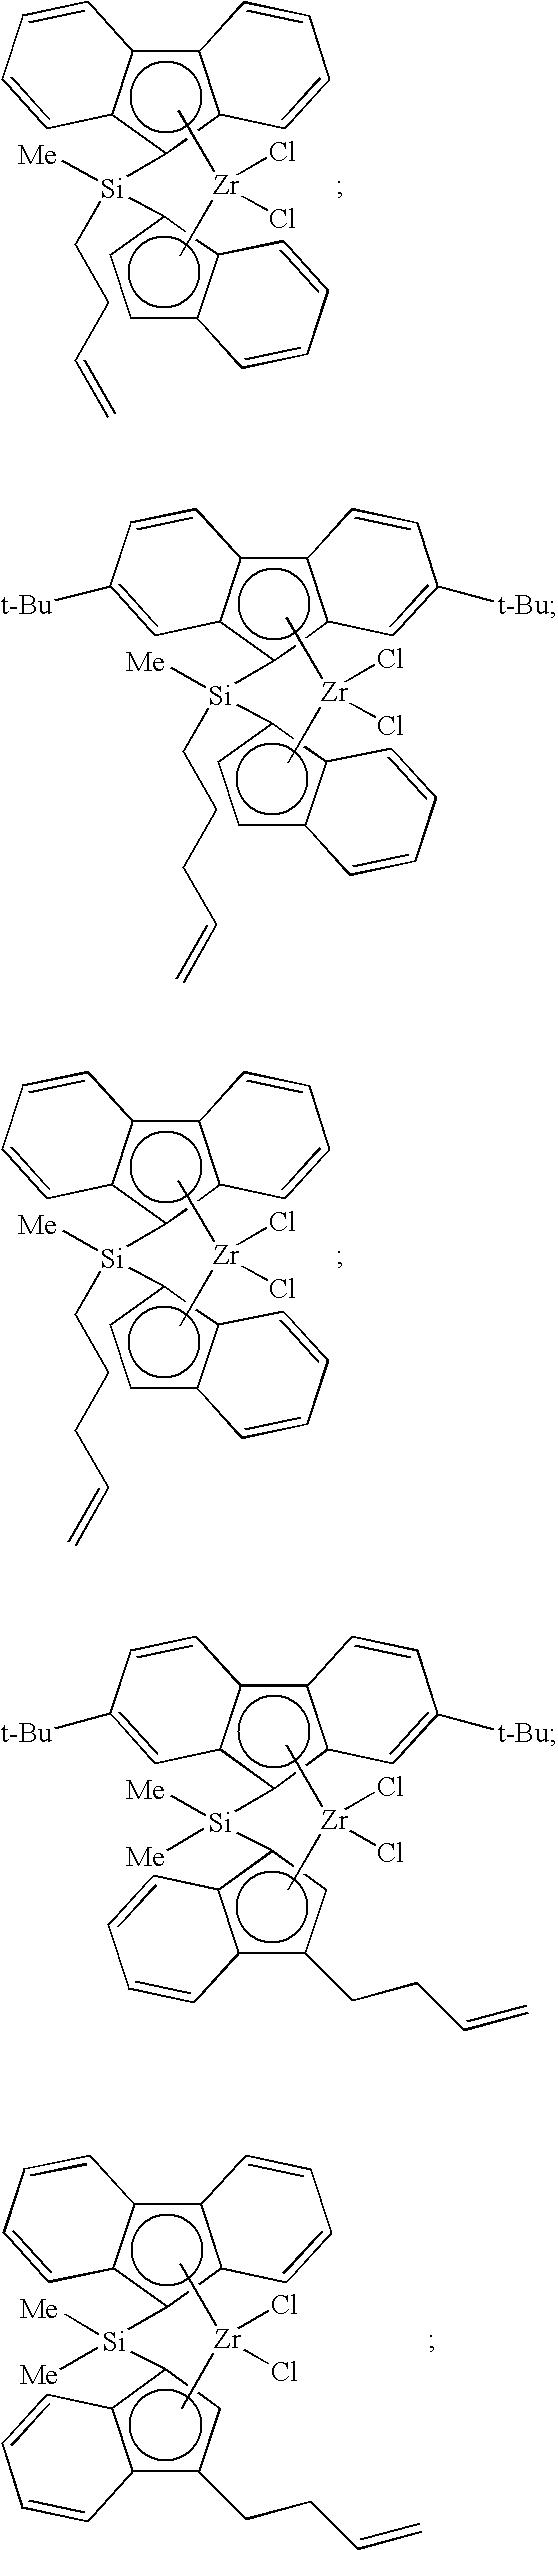 Figure US20100331505A1-20101230-C00021